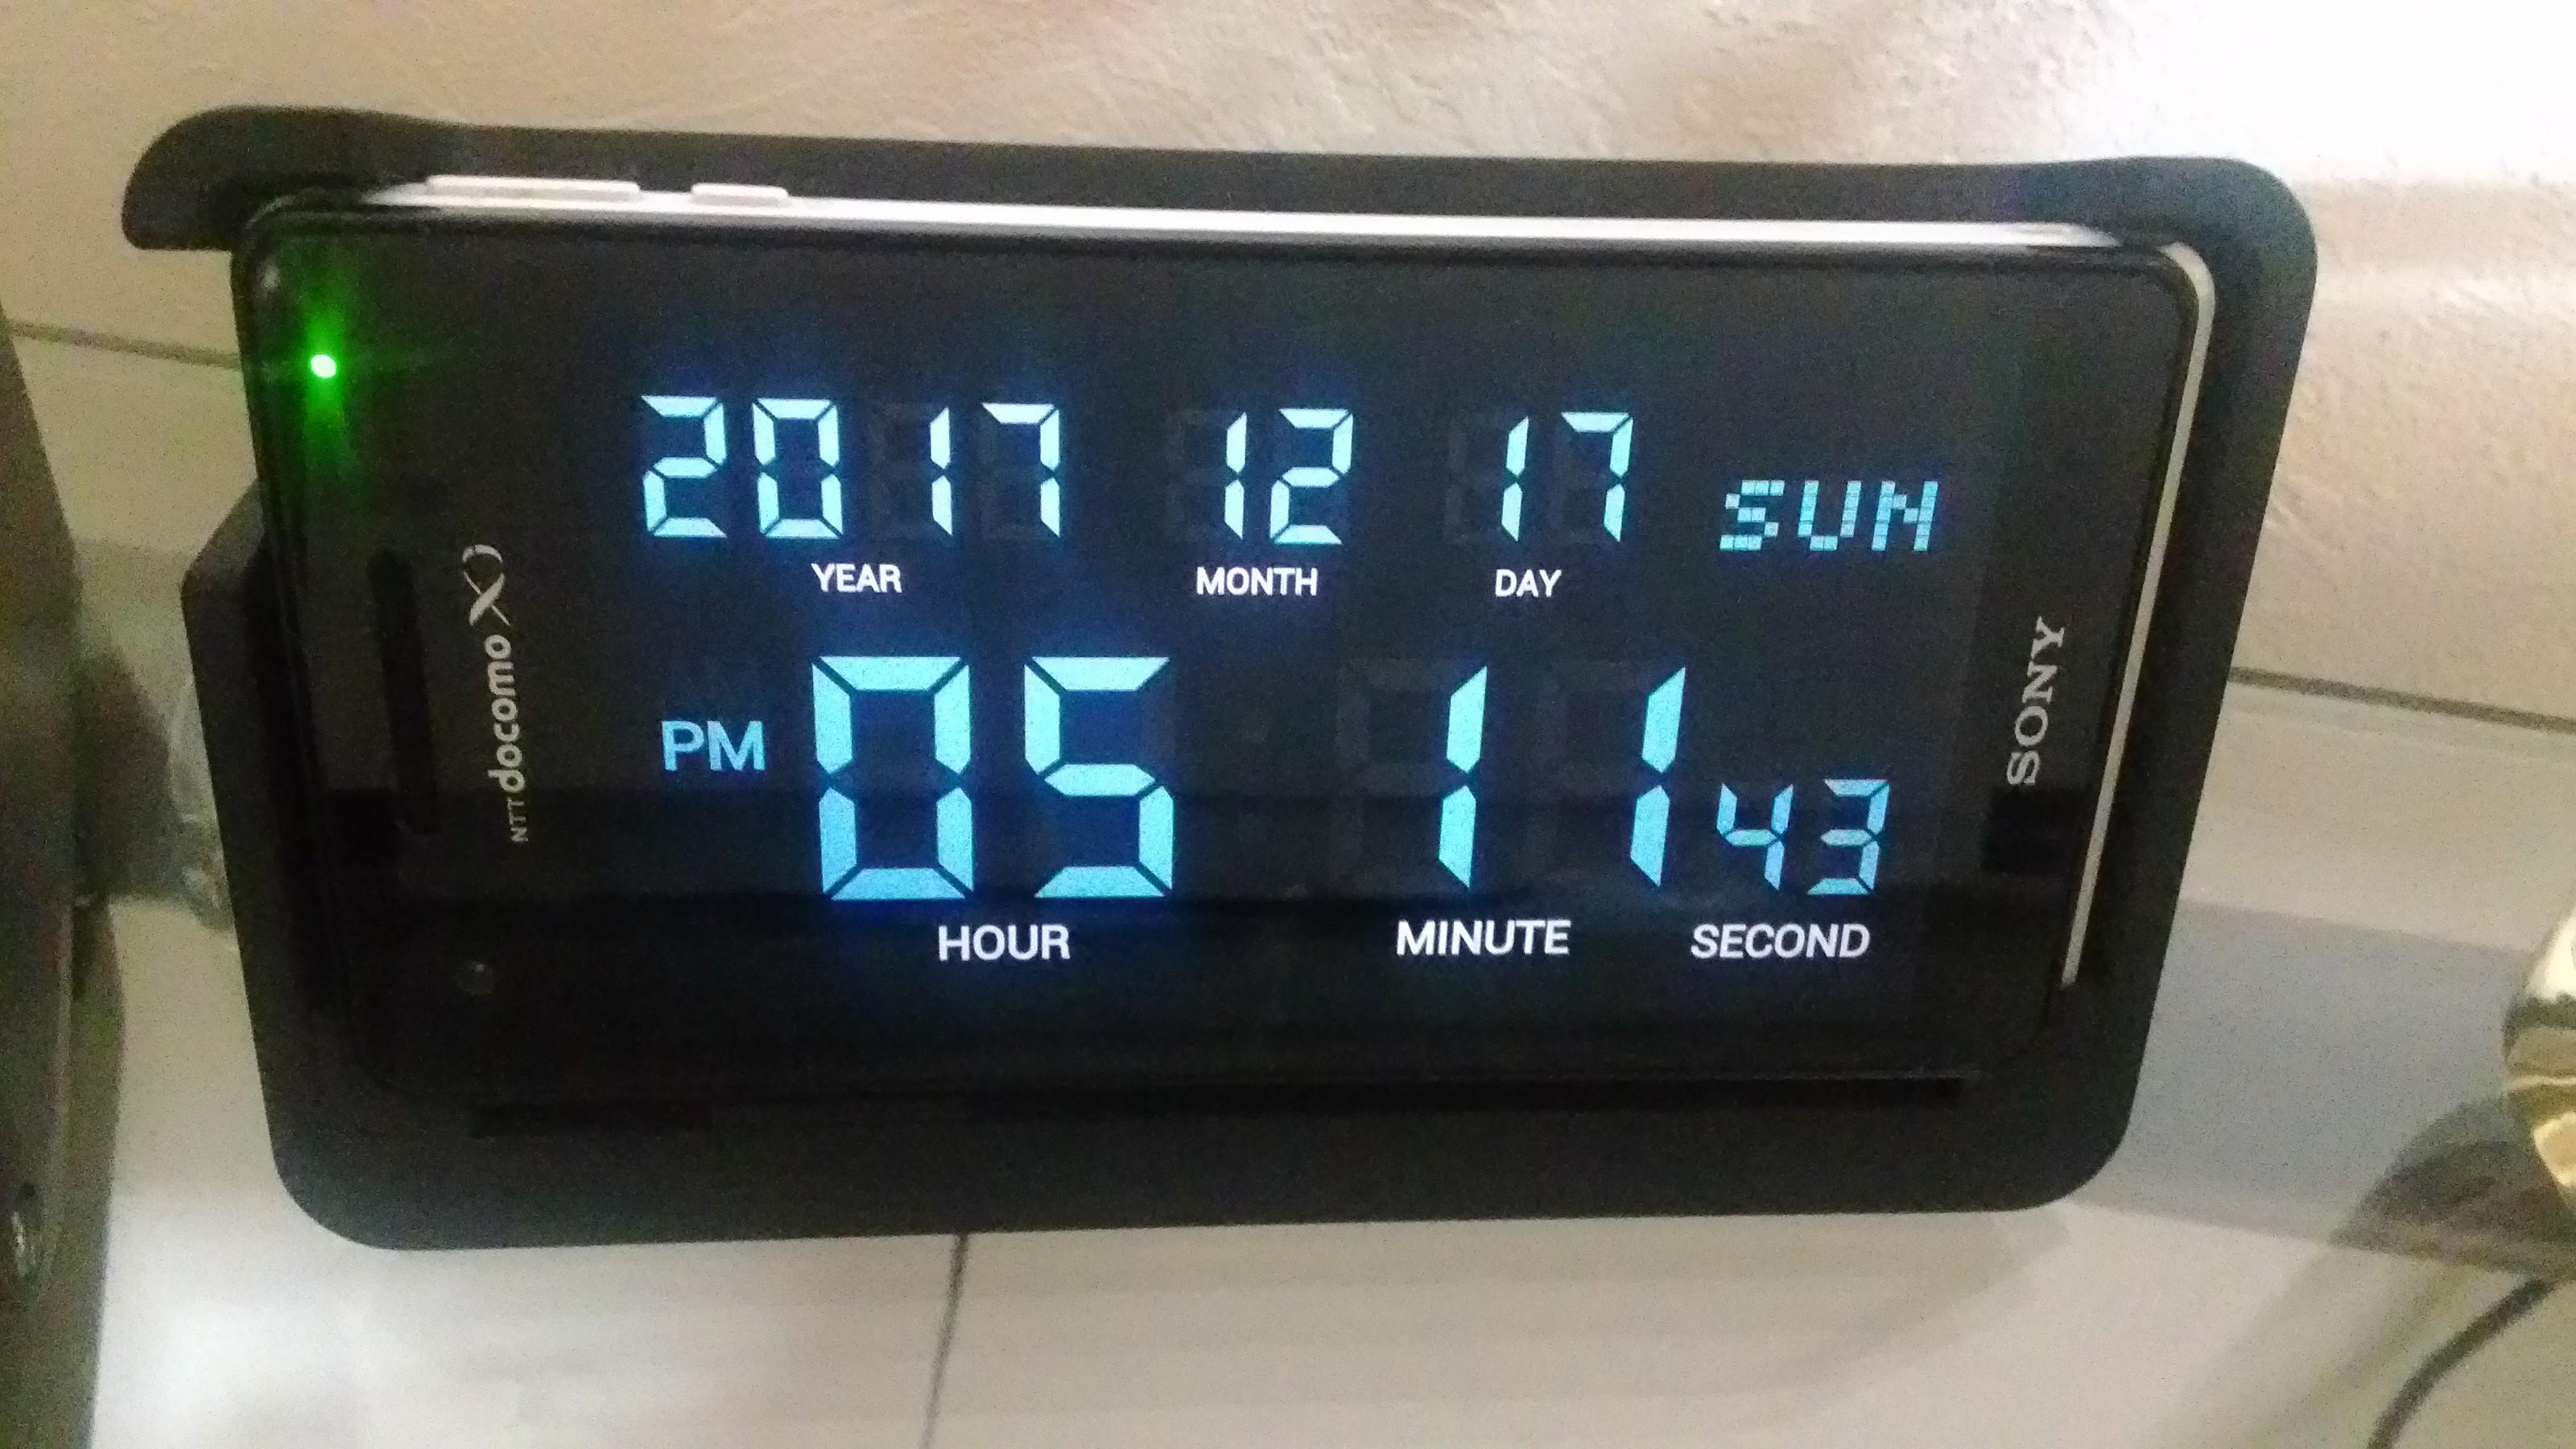 ساعة رقمية بسيطة ساعة رقمية Shg2 مجانا For Android Apk Download